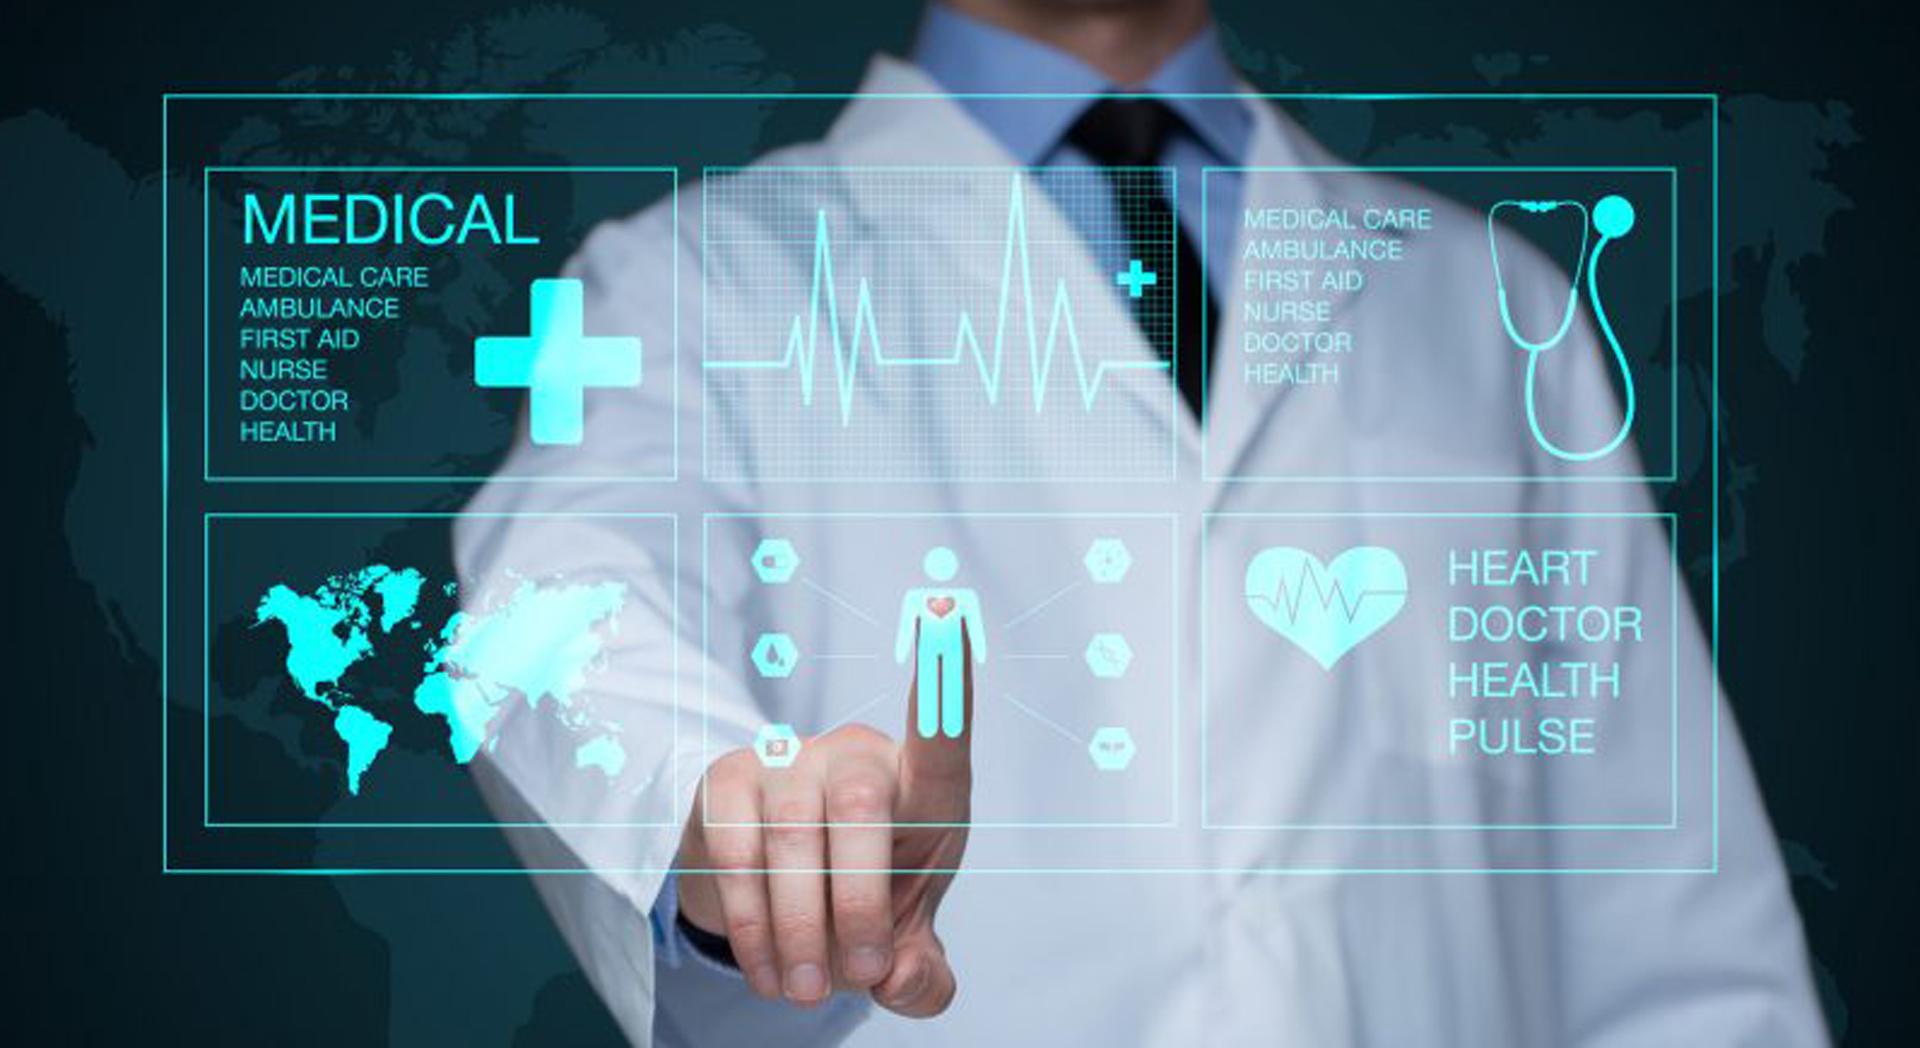 La inteligencia artificial se utiliza en medicina, entre otras tantas disciplinas, para automatizar procesos, pero a veces las recomendaciones que hacen no son las más adecuadas.